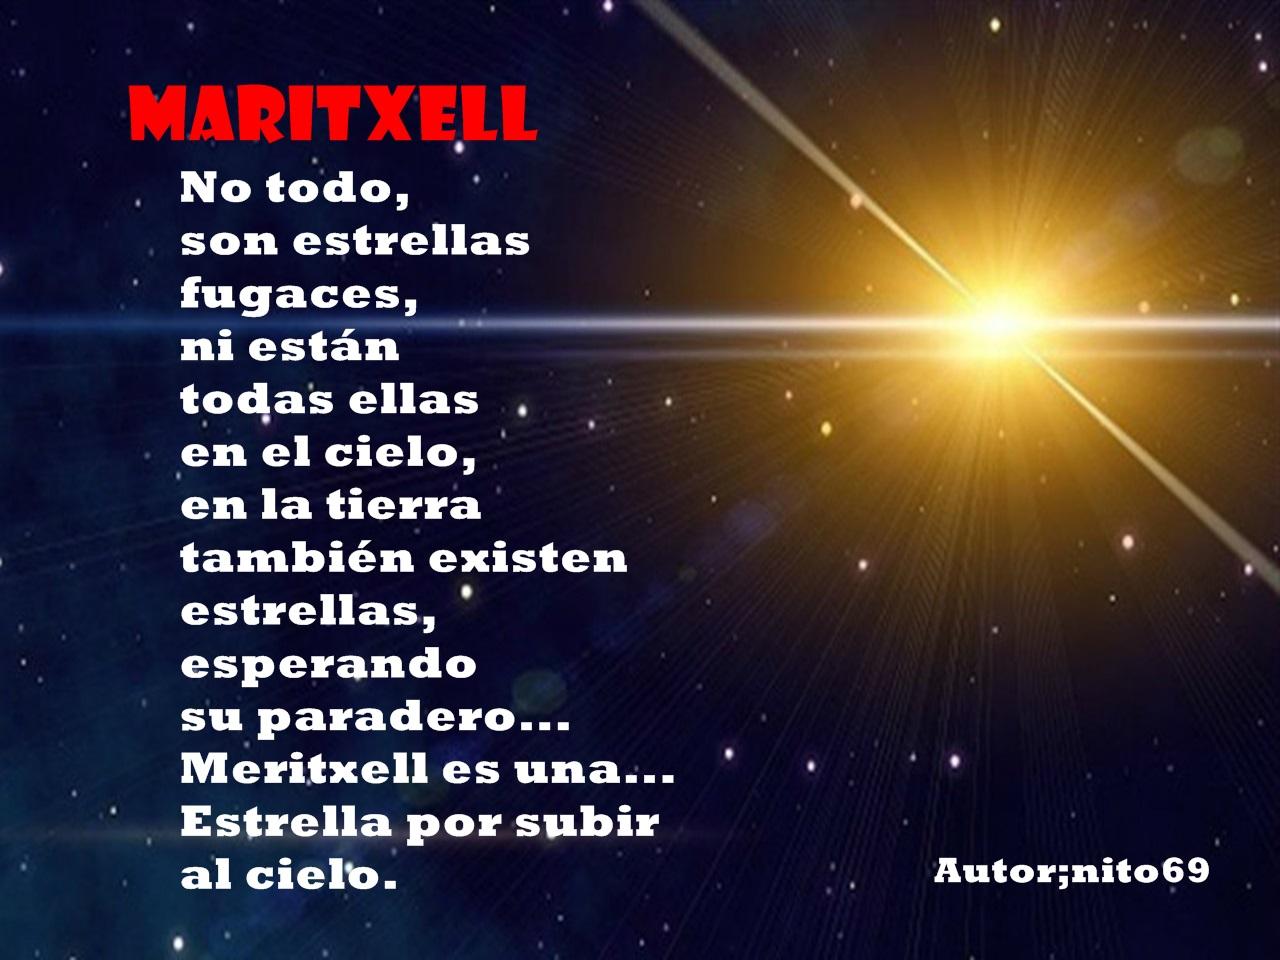 MARITXELL